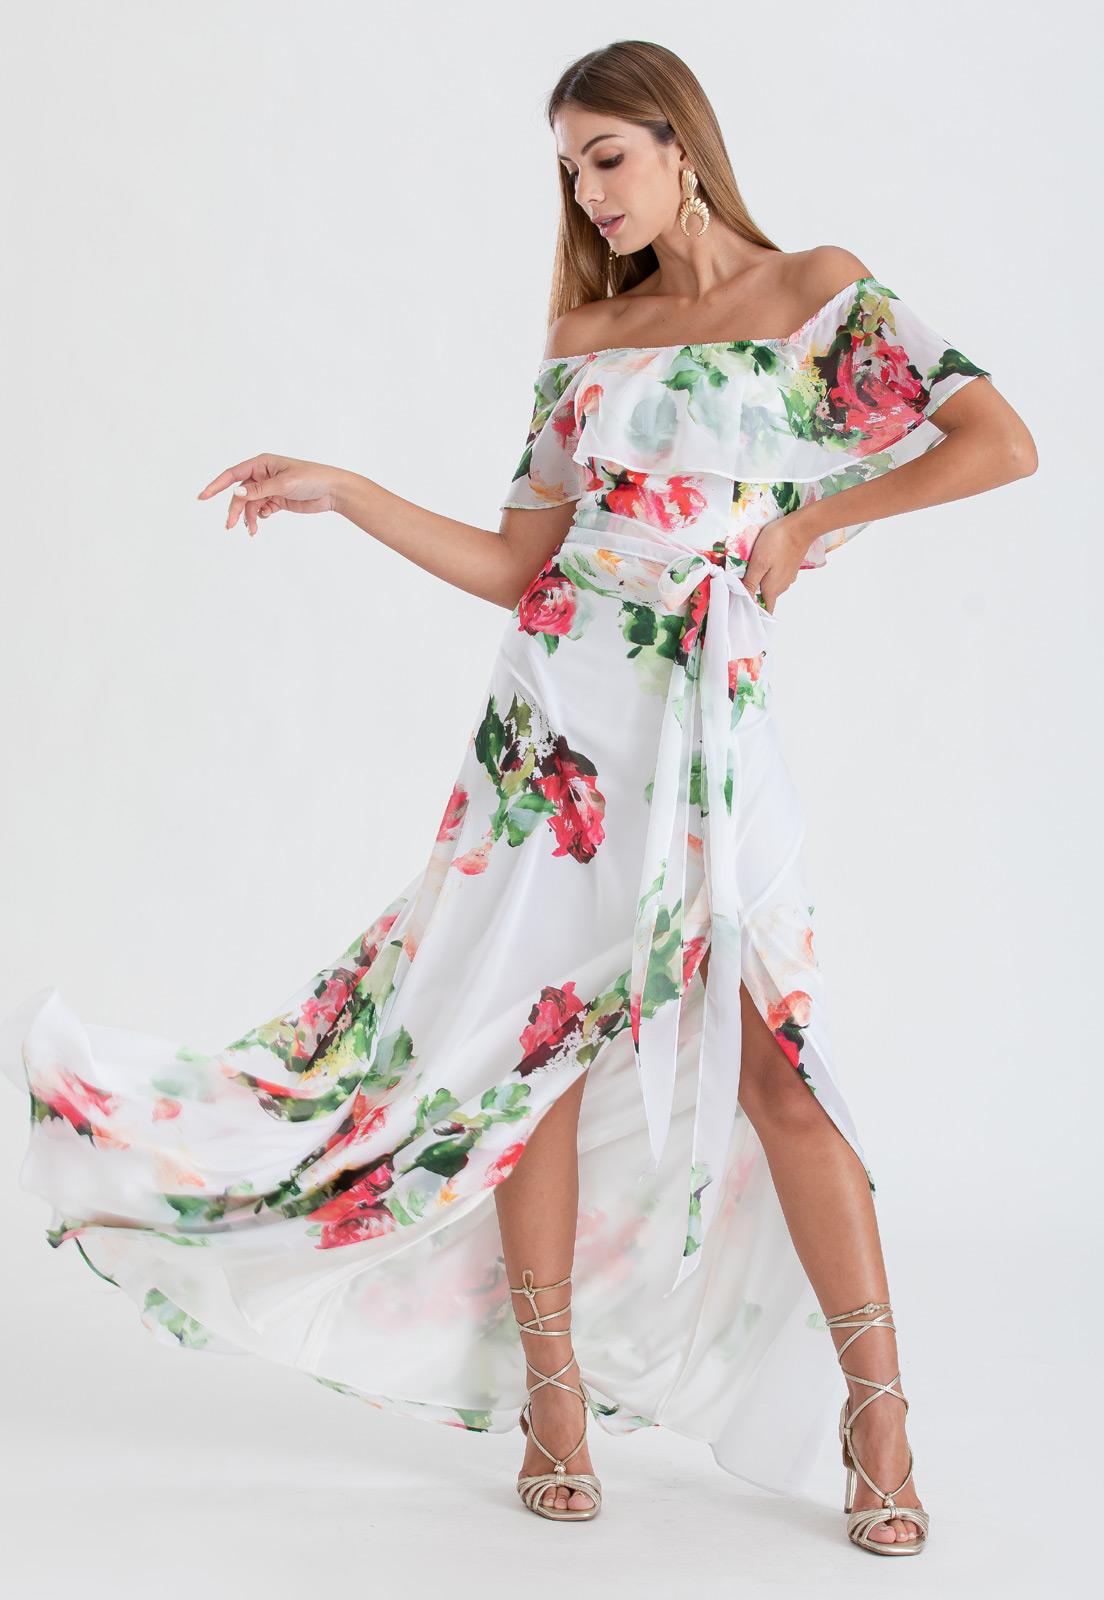 Vestido ombro a ombro floral longo   Ref. 2464